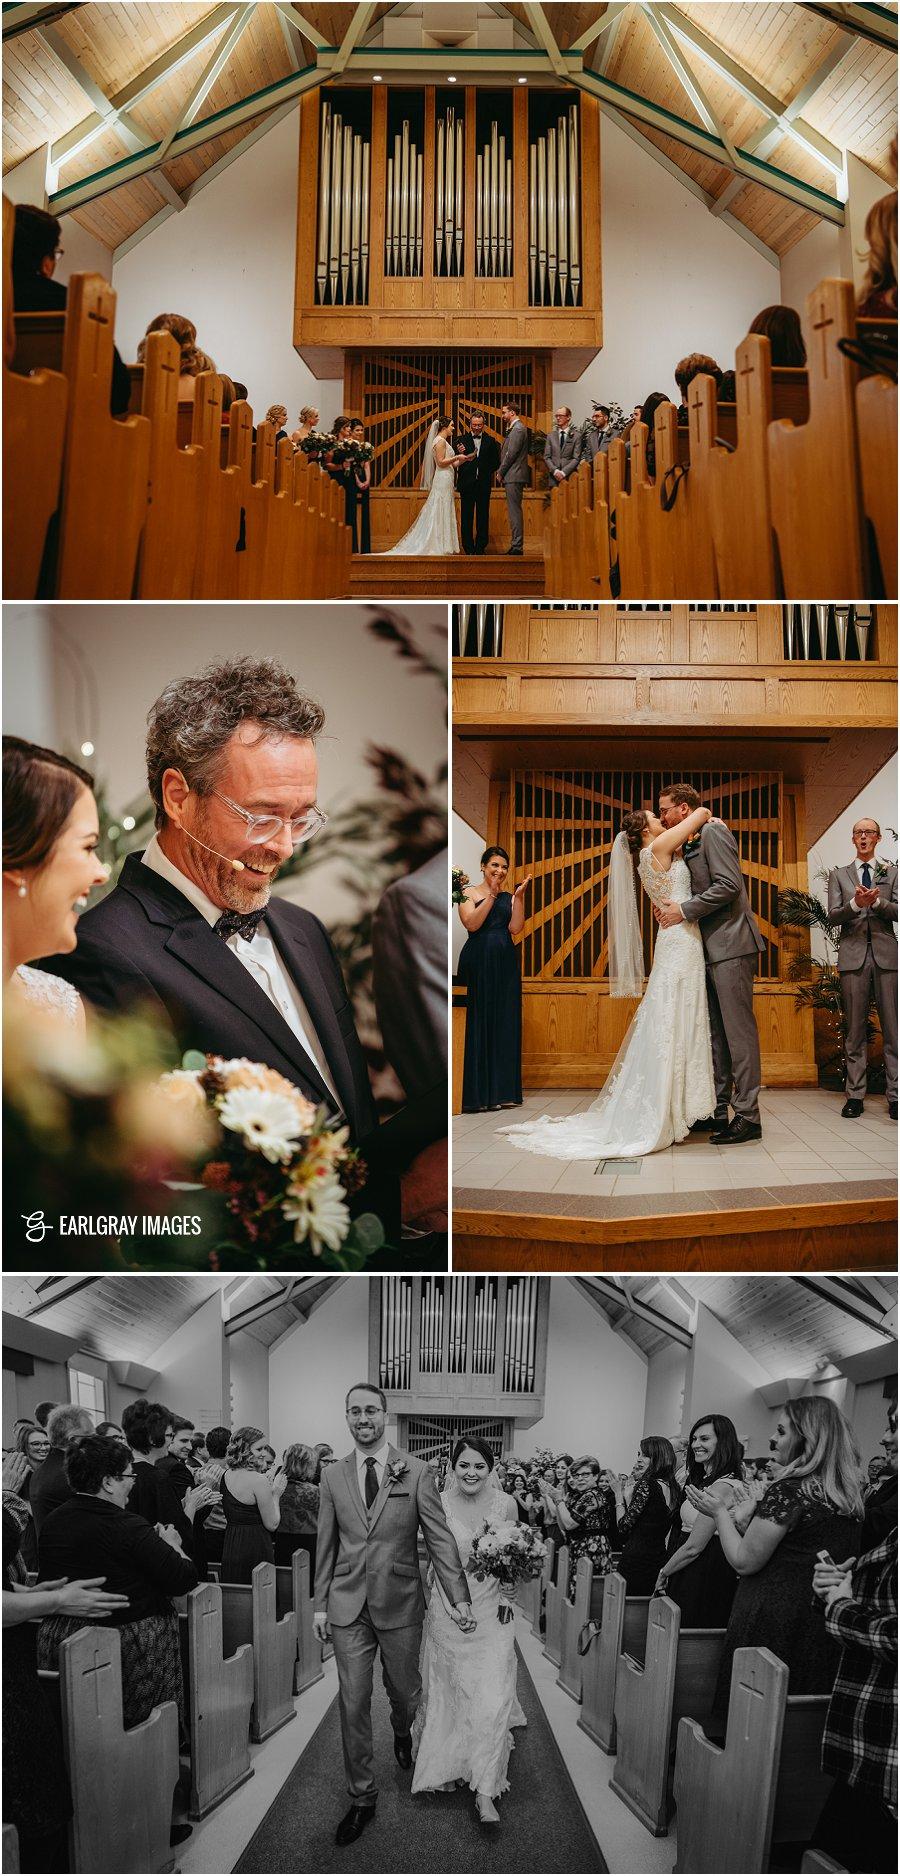 Edmonton Winter wedding, downtown Edmonton wedding, Inglewood CRC wedding, candid wedding photography, fun wedding photography